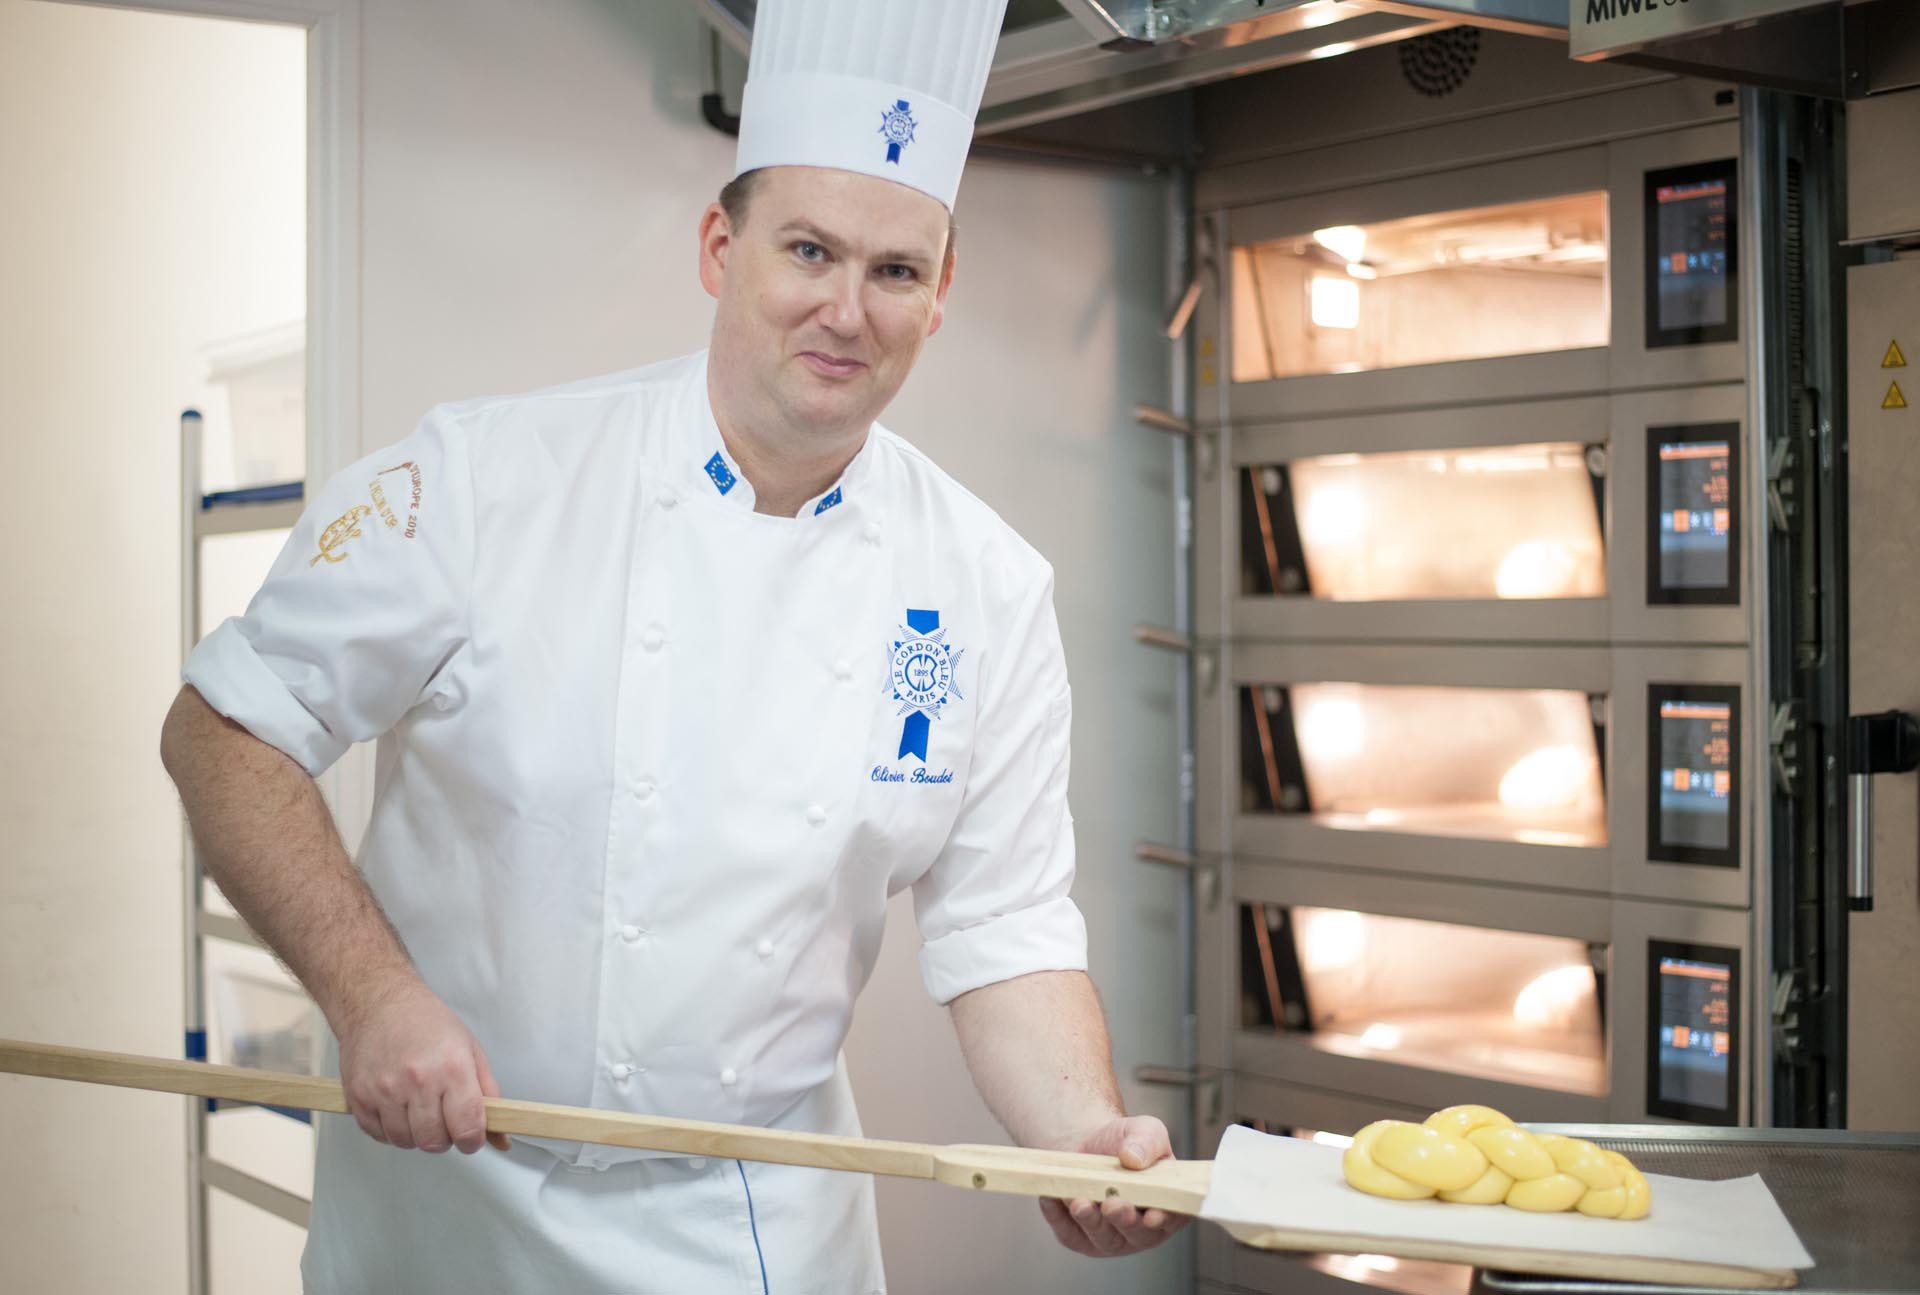 Boulangerie Chef Olivier Boudot